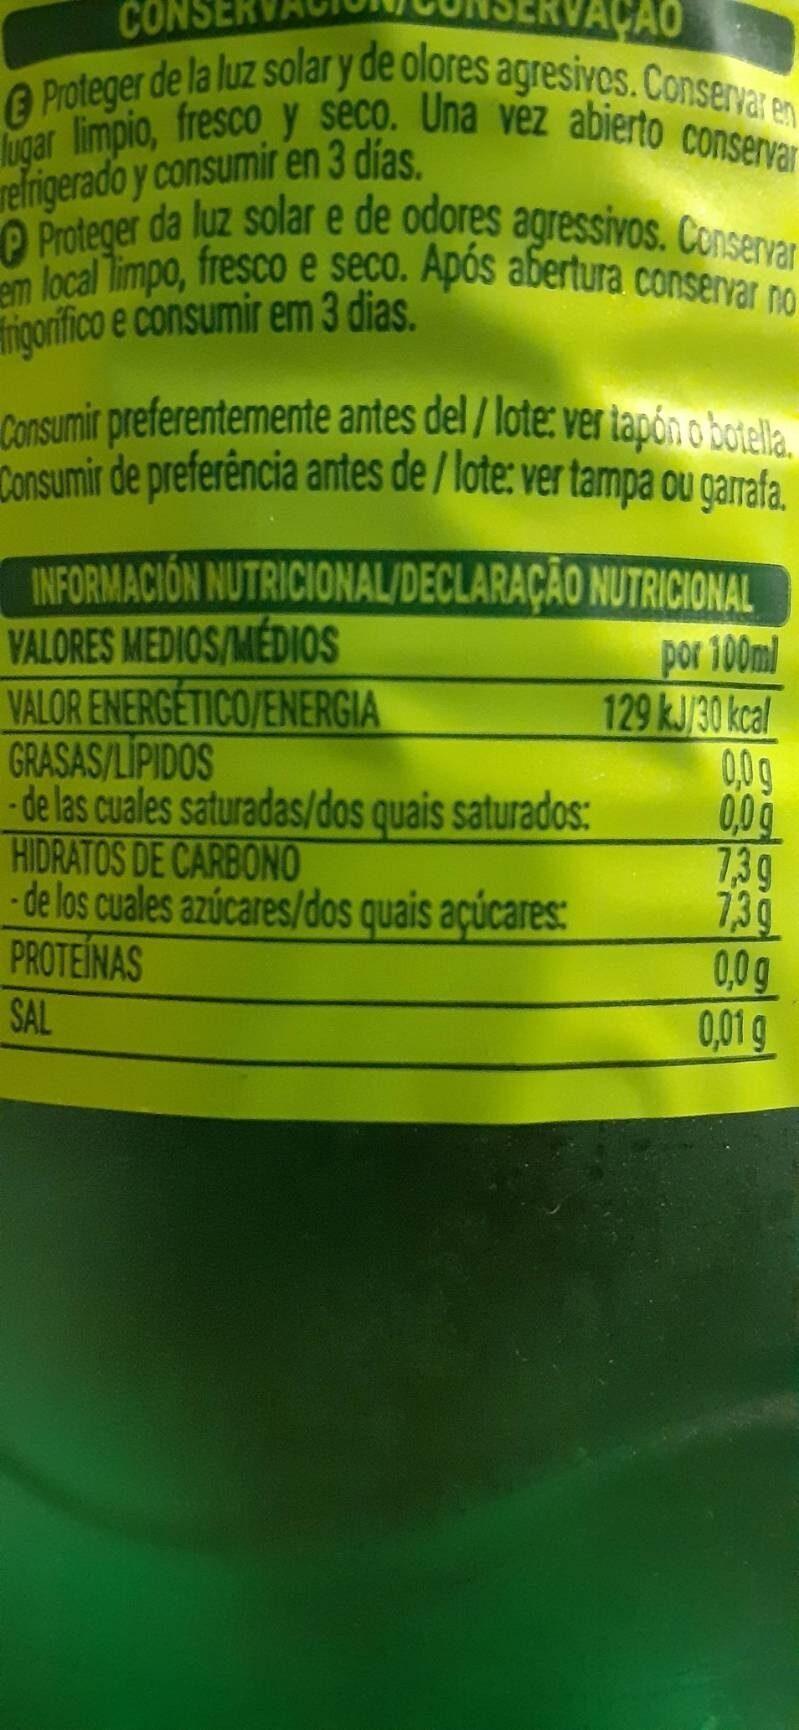 Fresh gas lima-limón - Información nutricional - es